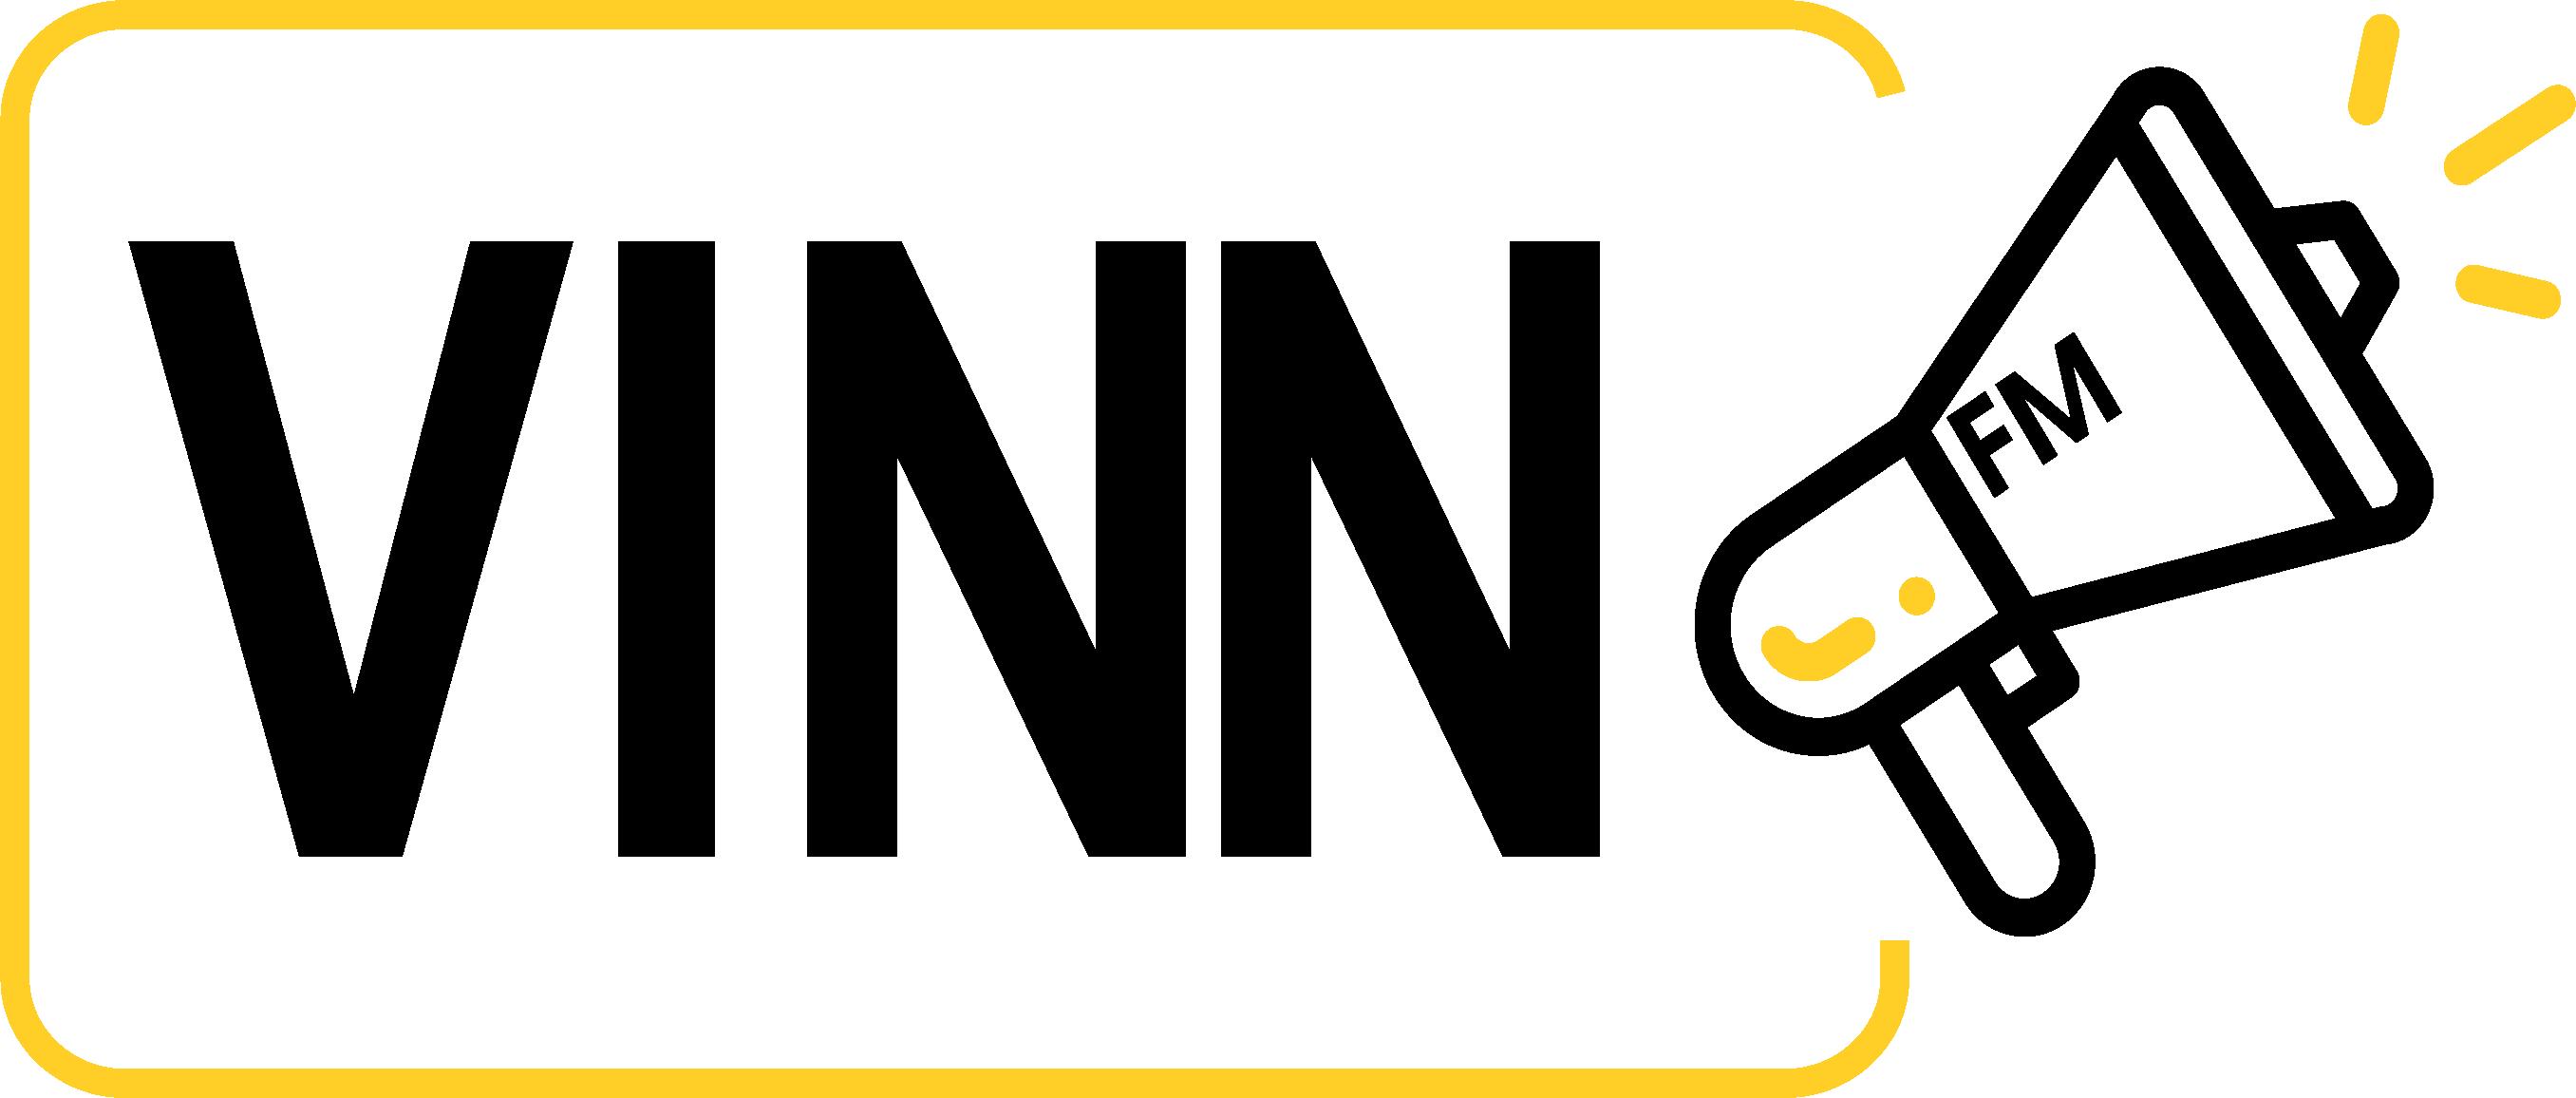 Vinn-fm Logo